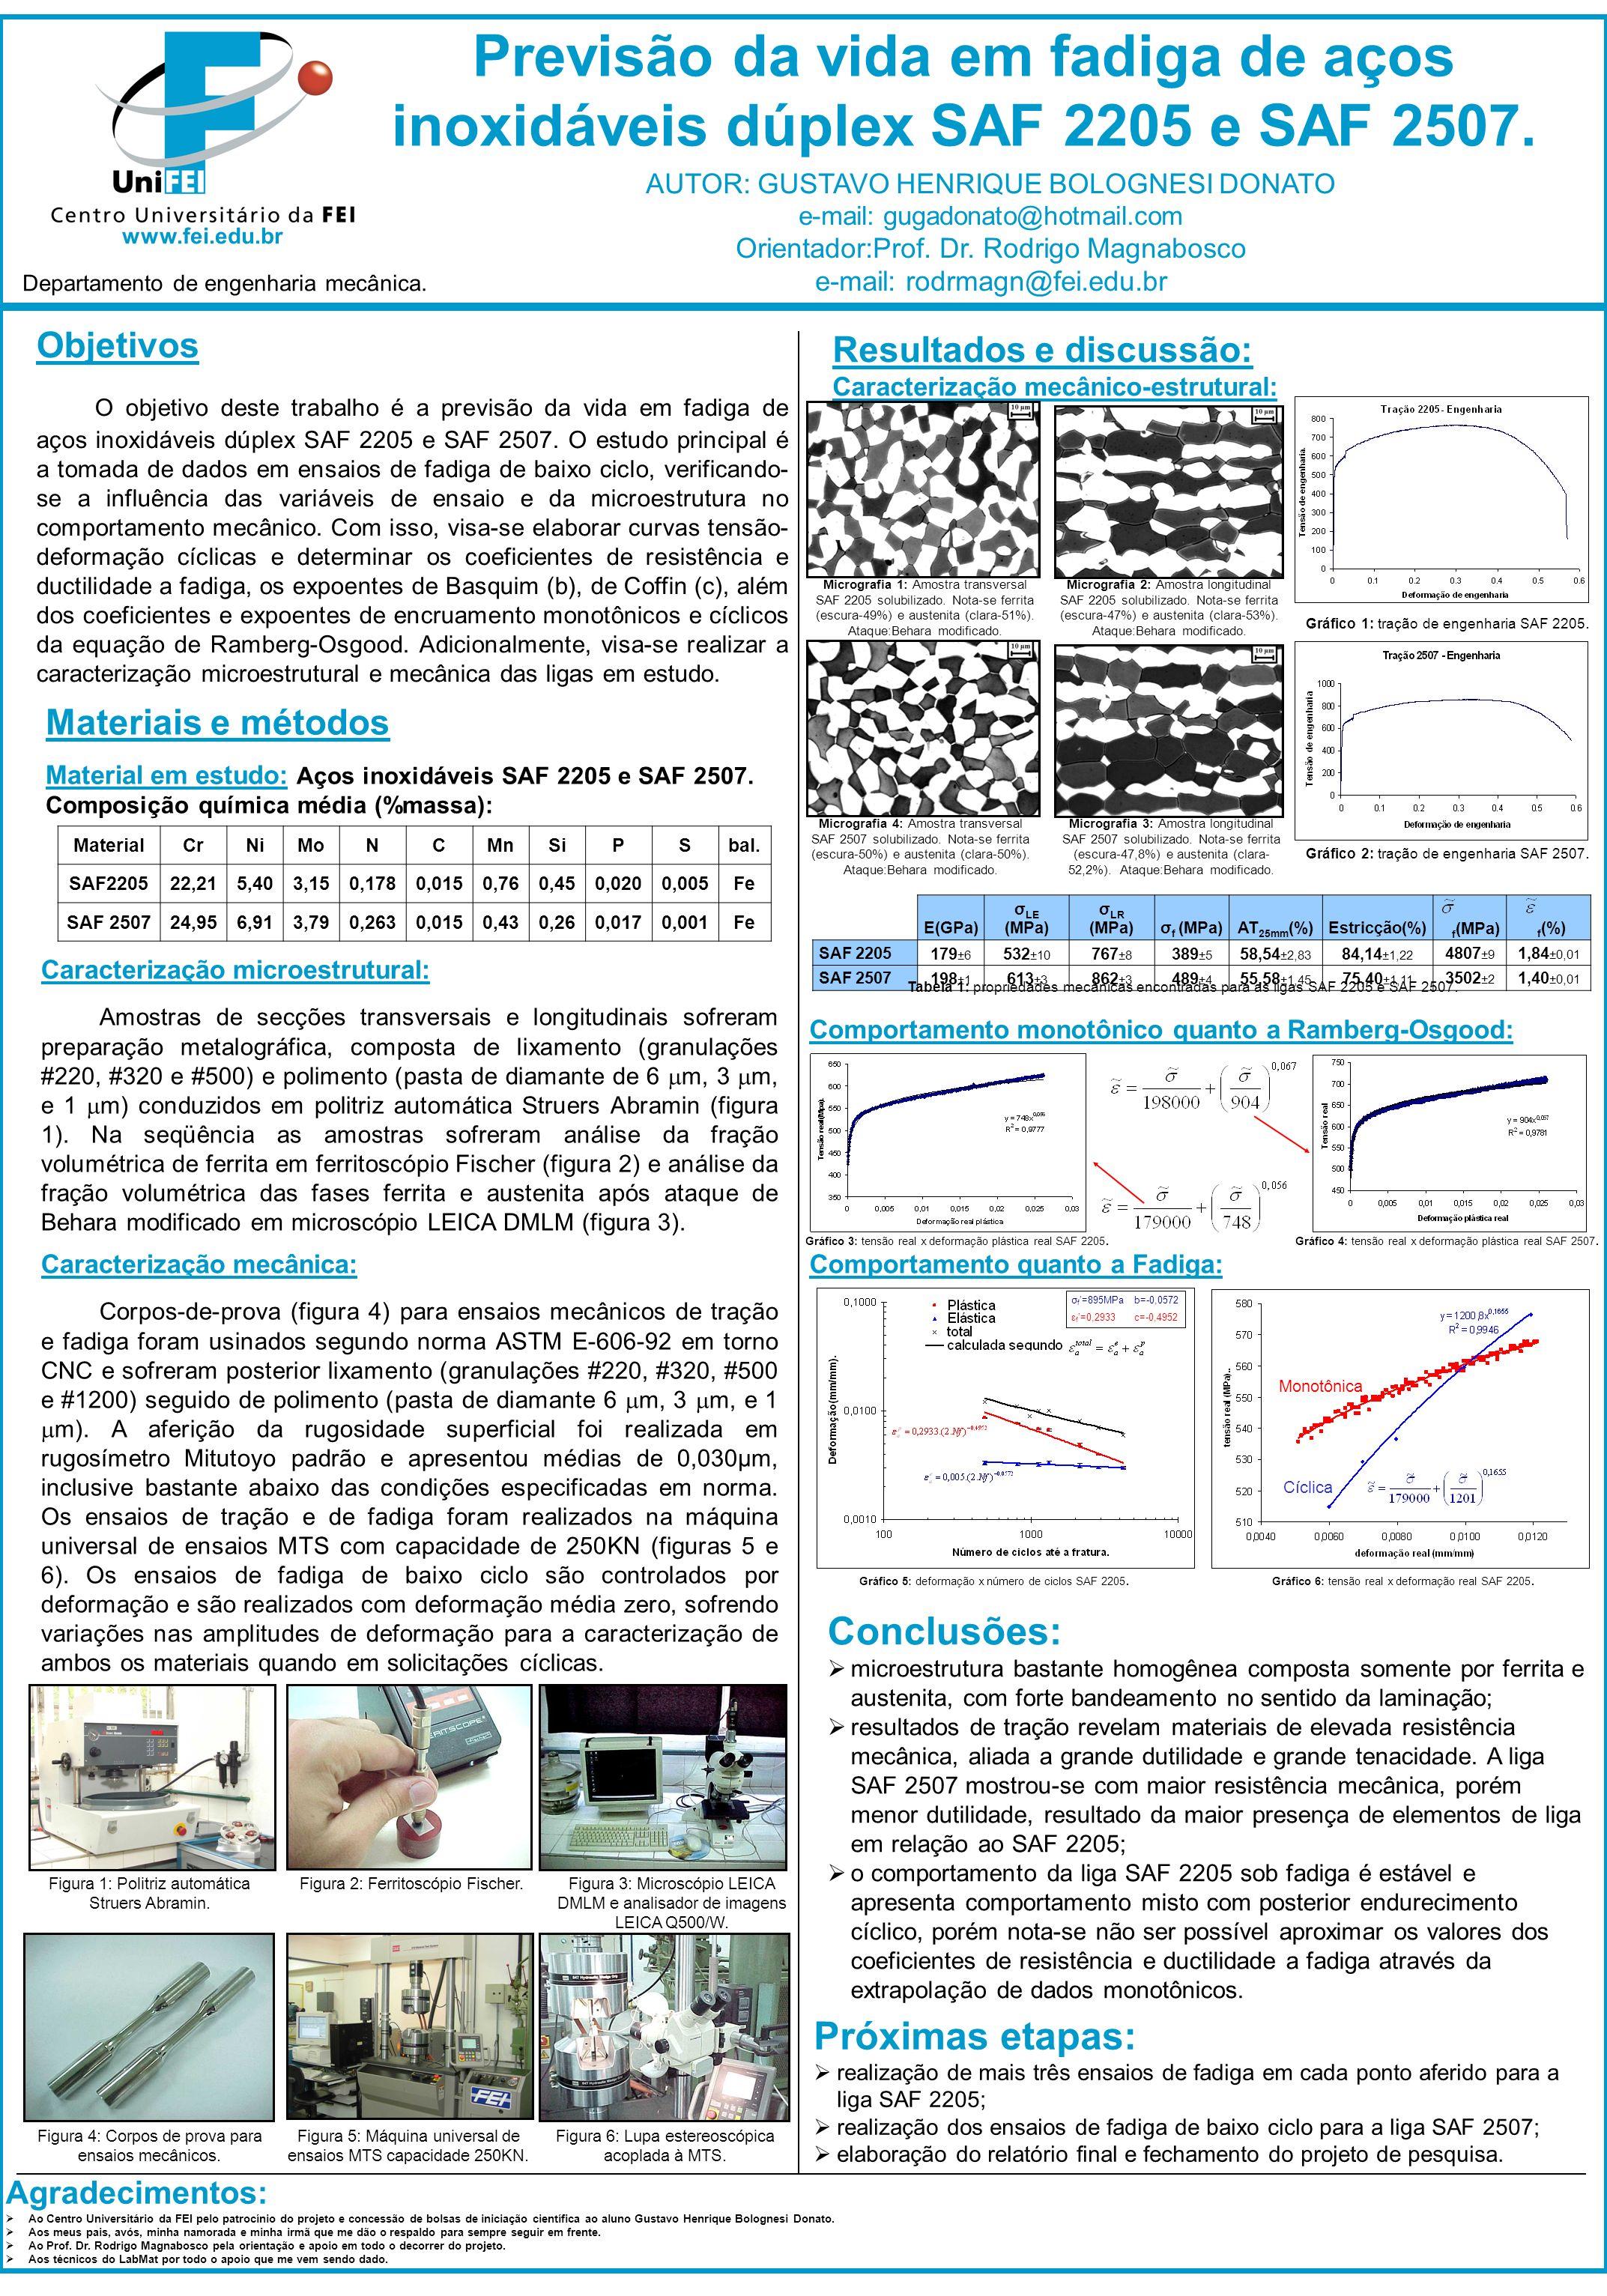 Previsão da vida em fadiga de aços inoxidáveis dúplex SAF 2205 e SAF 2507.